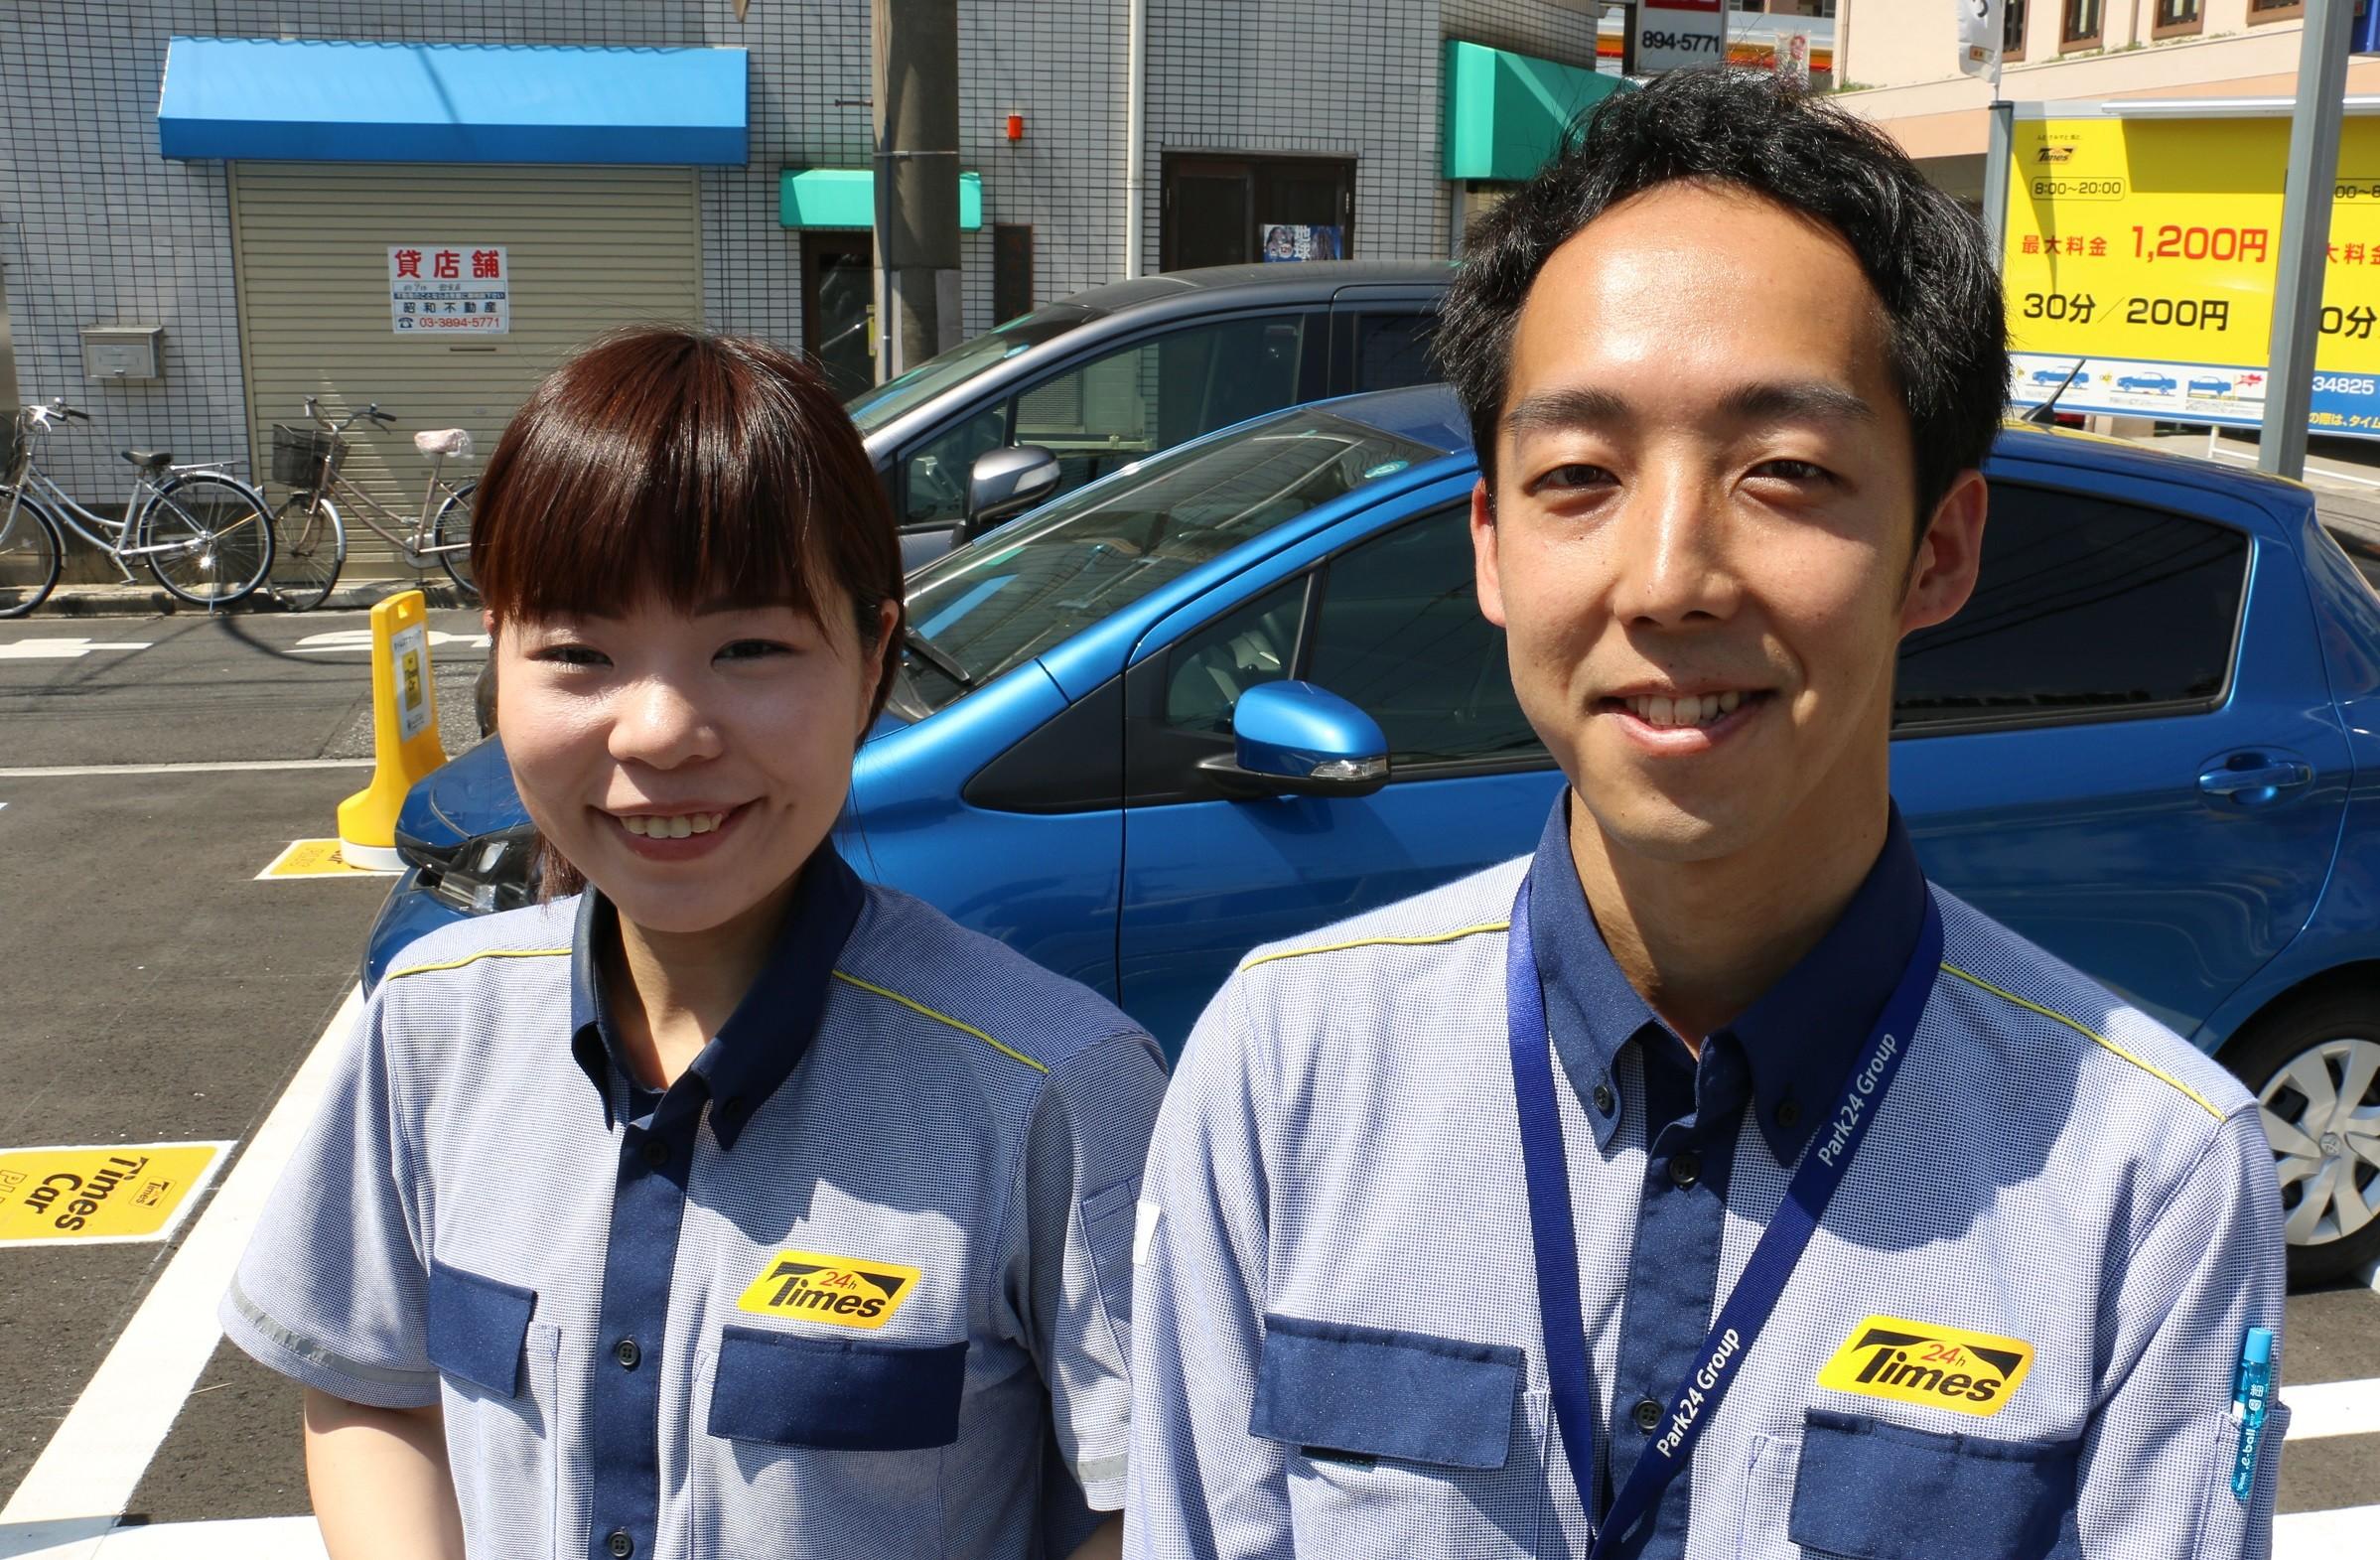 タイムズサービス株式会社 大阪中央支店 同行キーパー のアルバイト情報